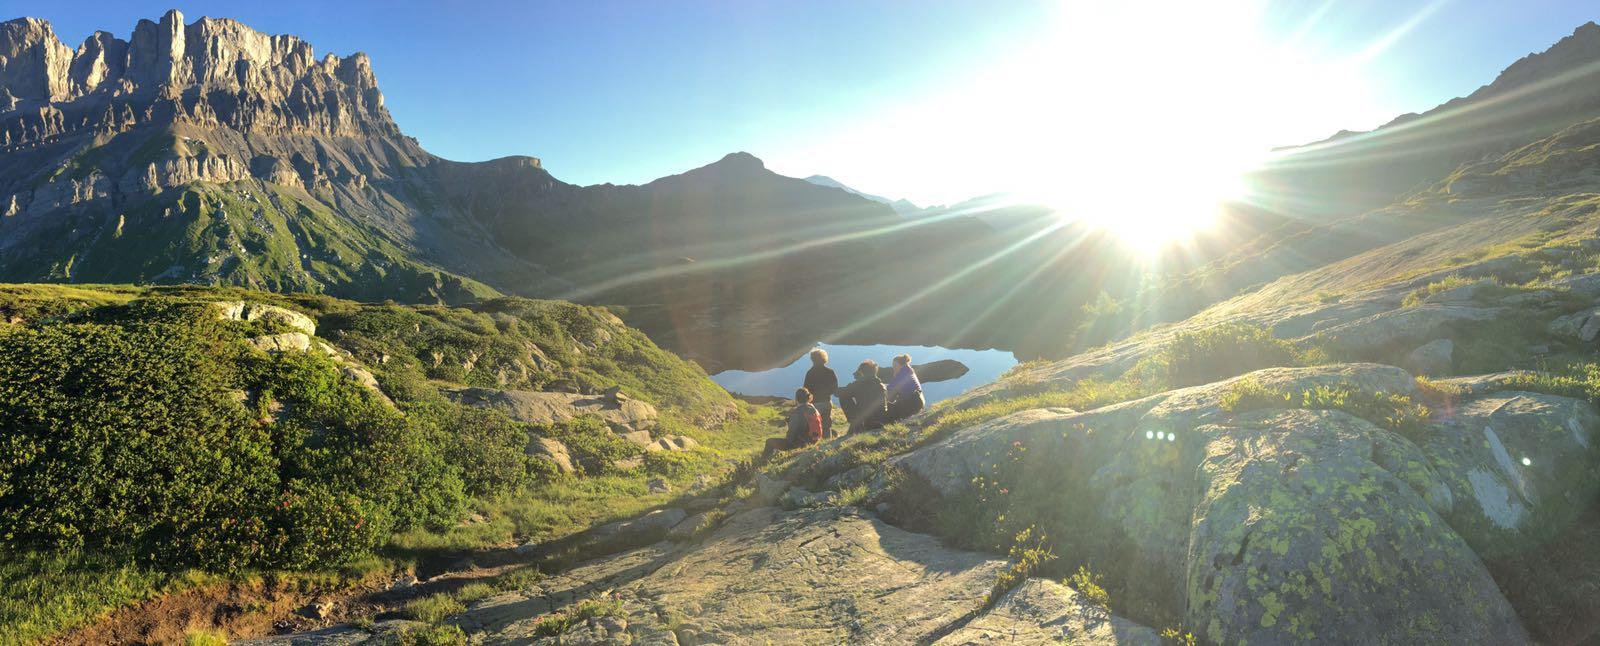 Equipe de tournage en montagne pour un film